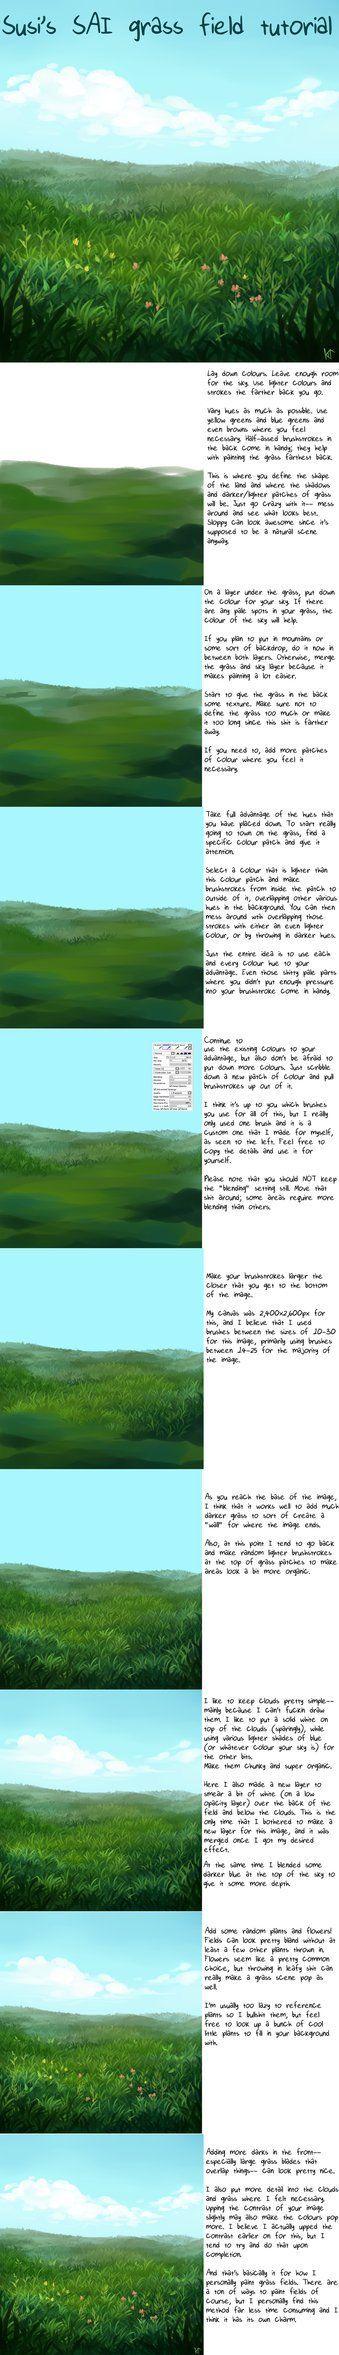 自然。背景イラスト描き方アイデア もっと見る